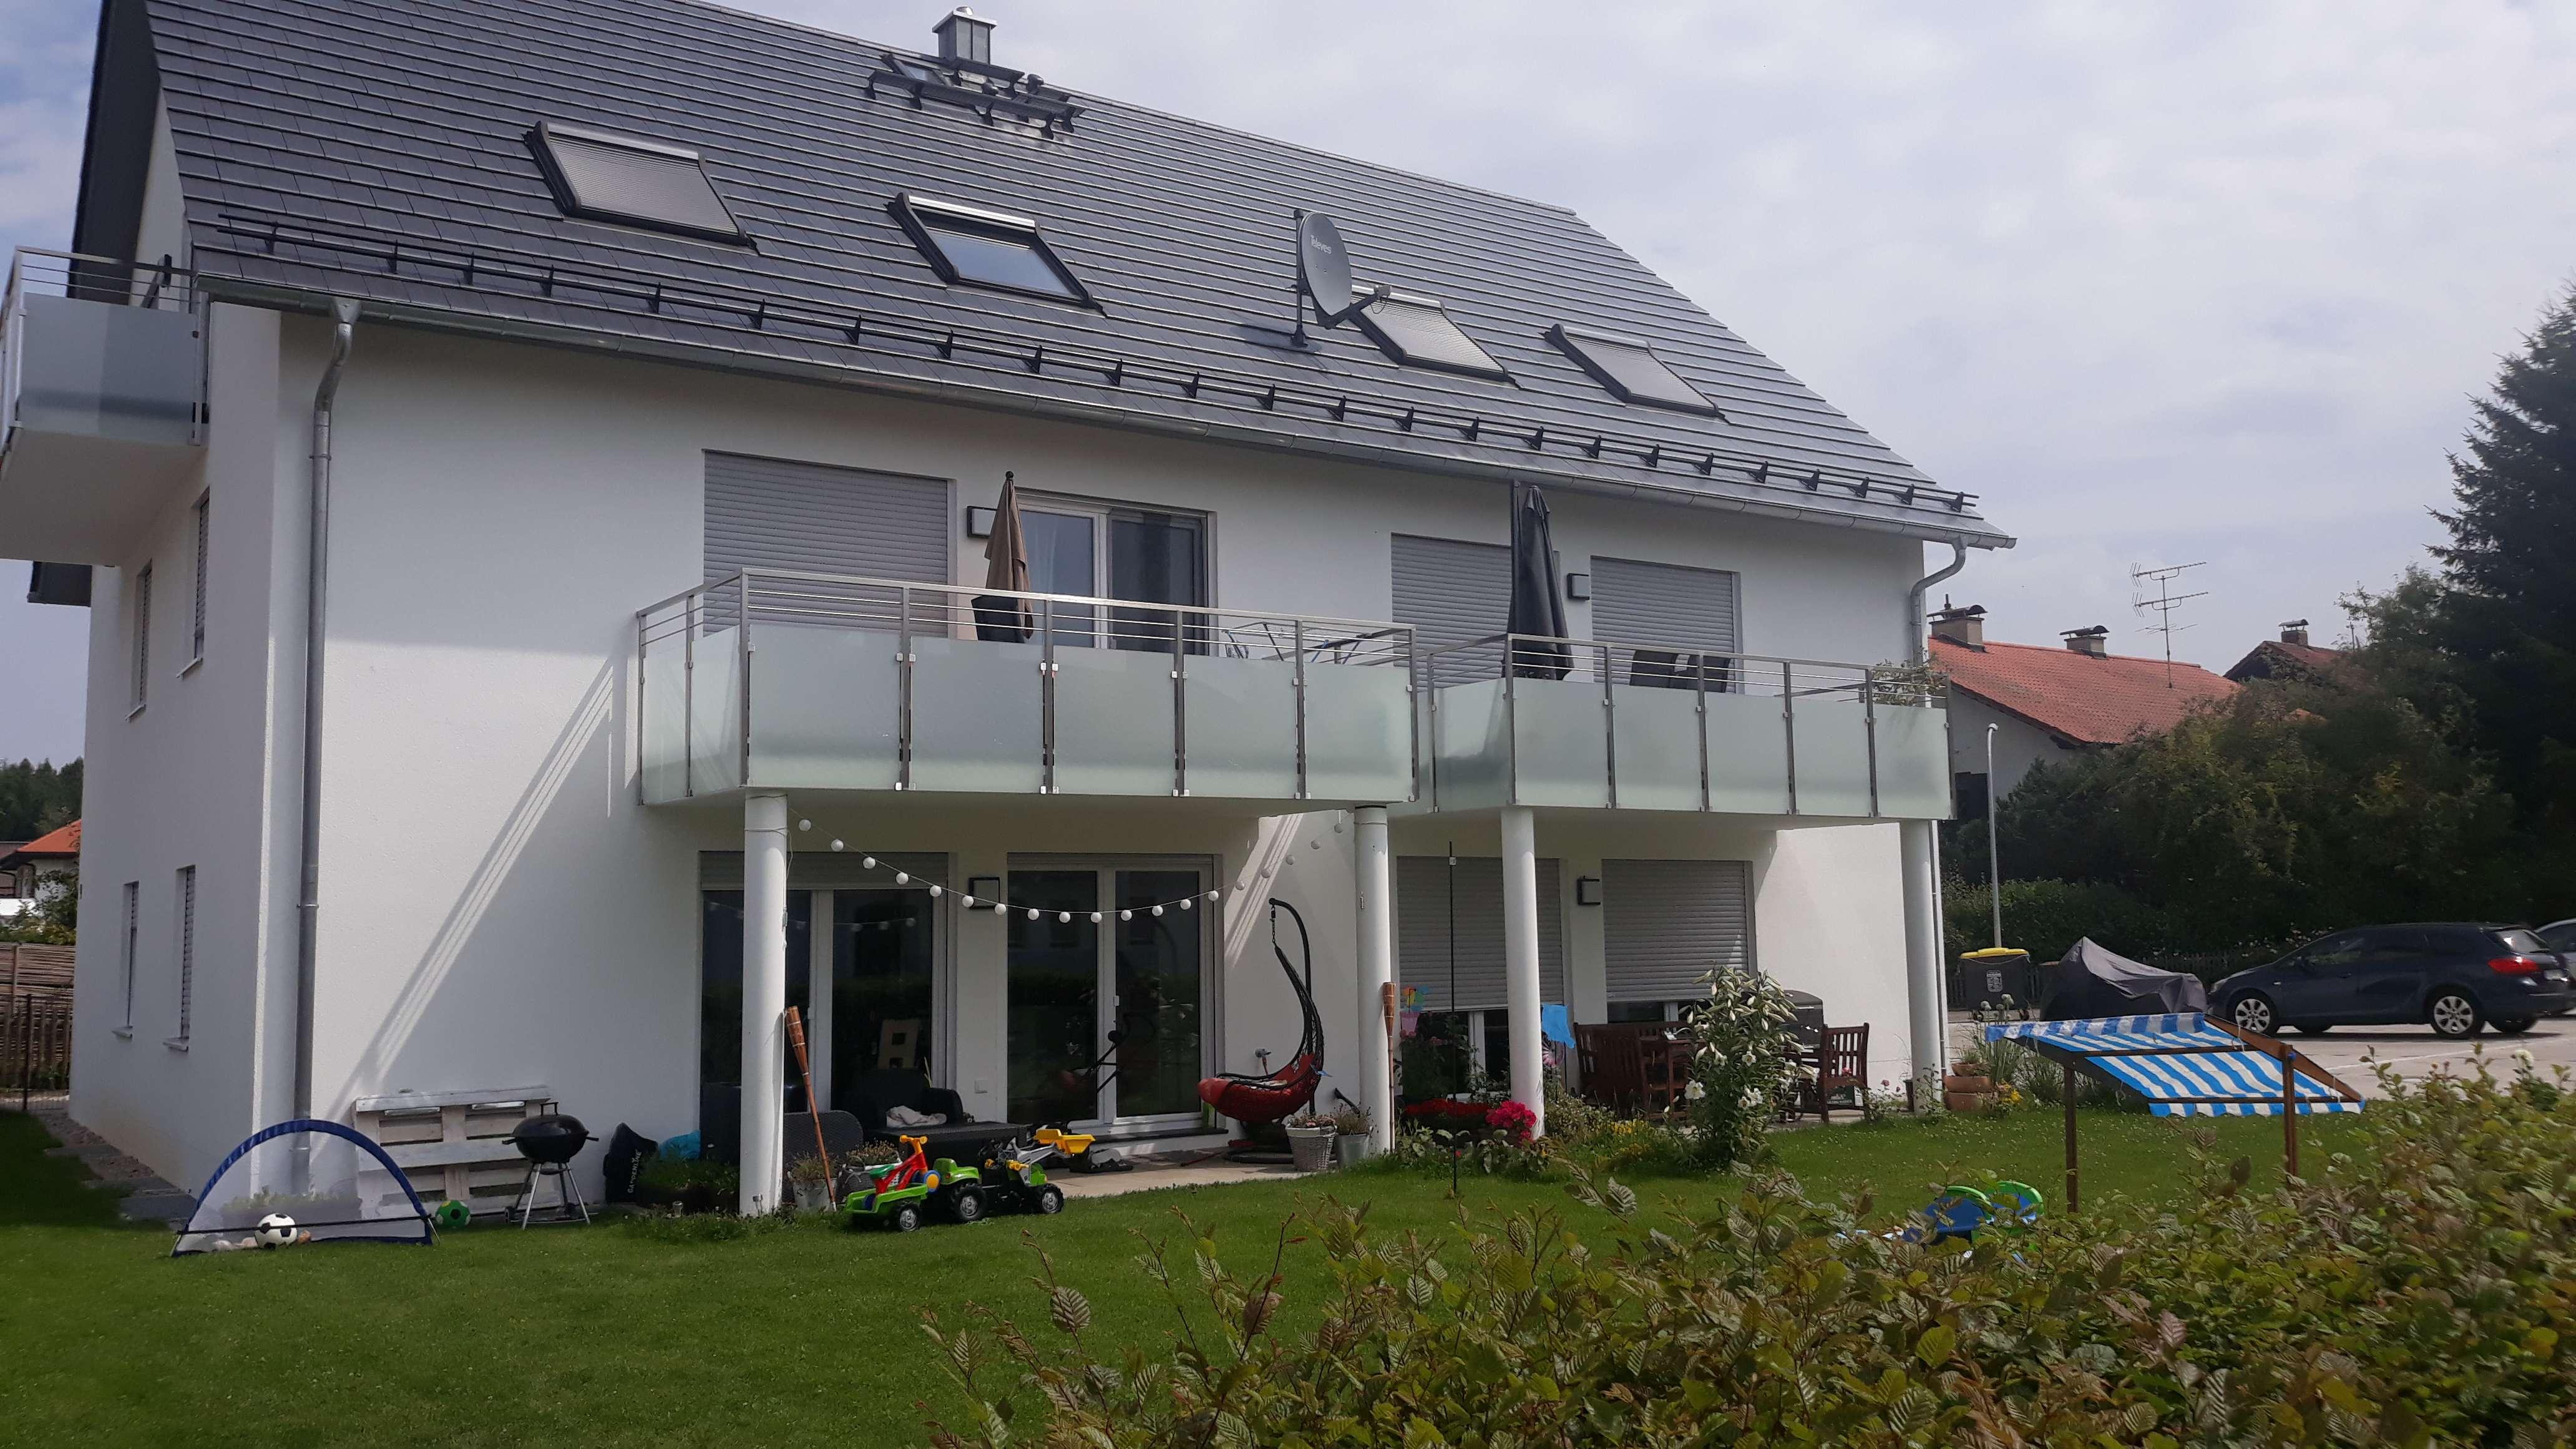 2,5-Zimmer-DG Whg mit EBK und Balkon in Geltendorf, 2 min zu Fuß zum Bahnhof in Geltendorf